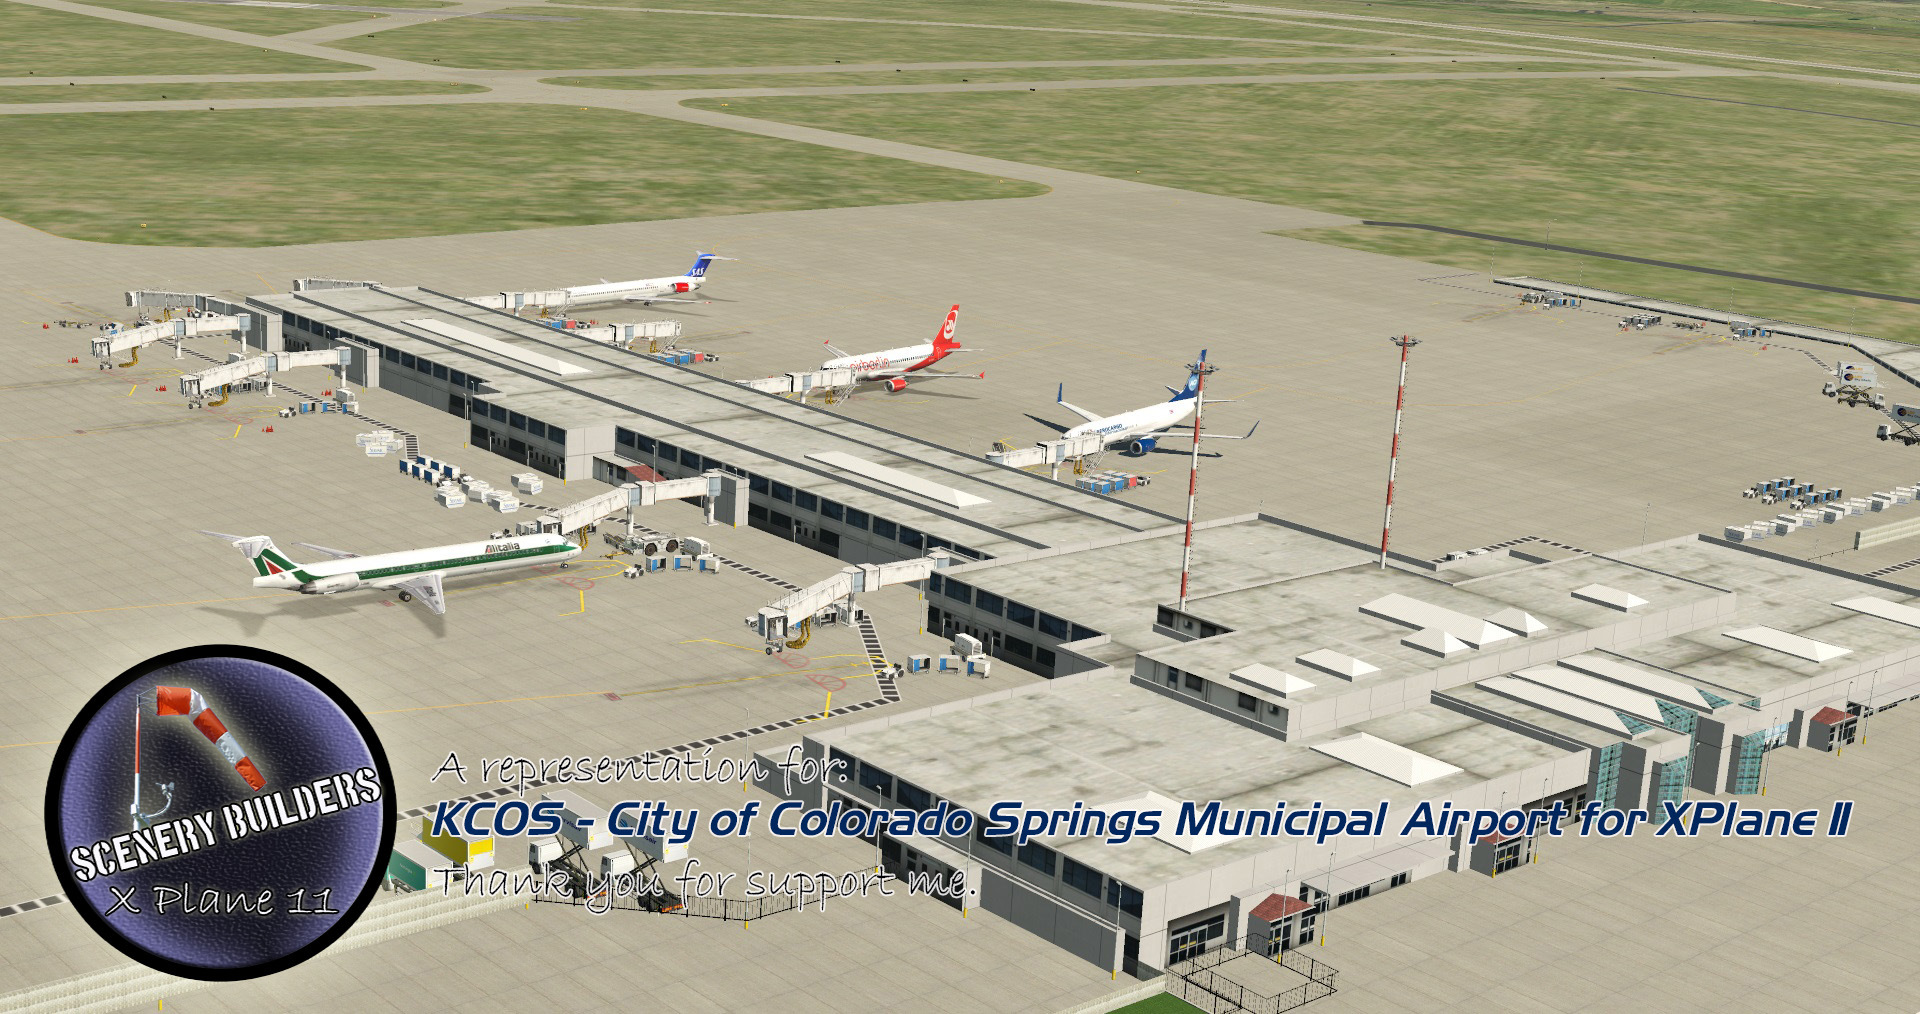 Colorado Springs Municipal Airport